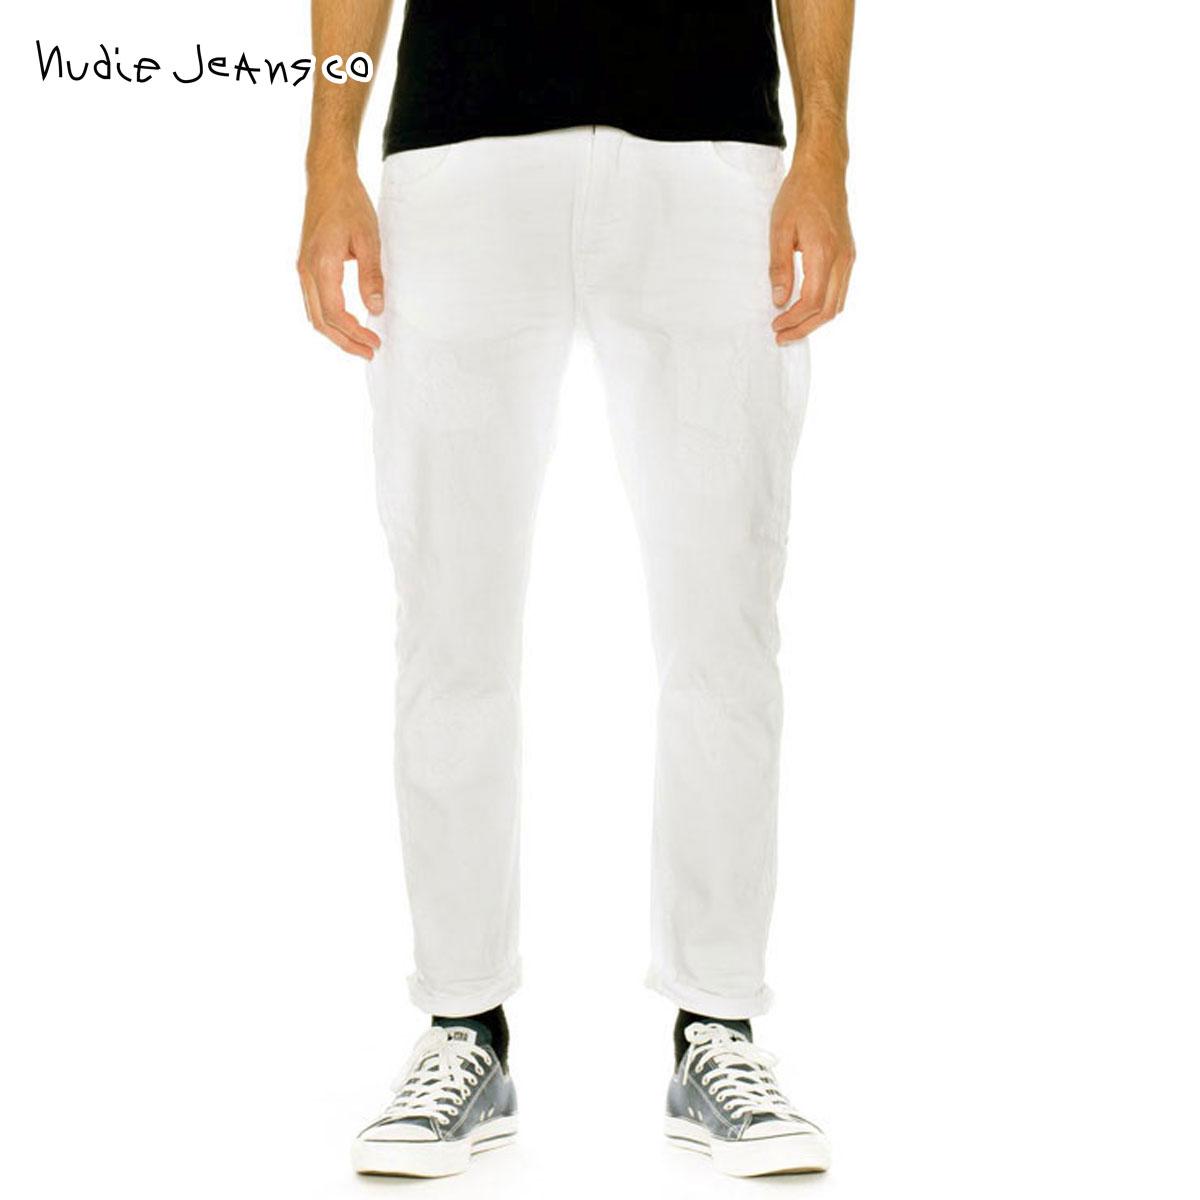 ヌーディージーンズ Nudie Jeans 正規販売店 メンズ ジーンズ BRUTE KNUT PITCH WHITE 745 1124180